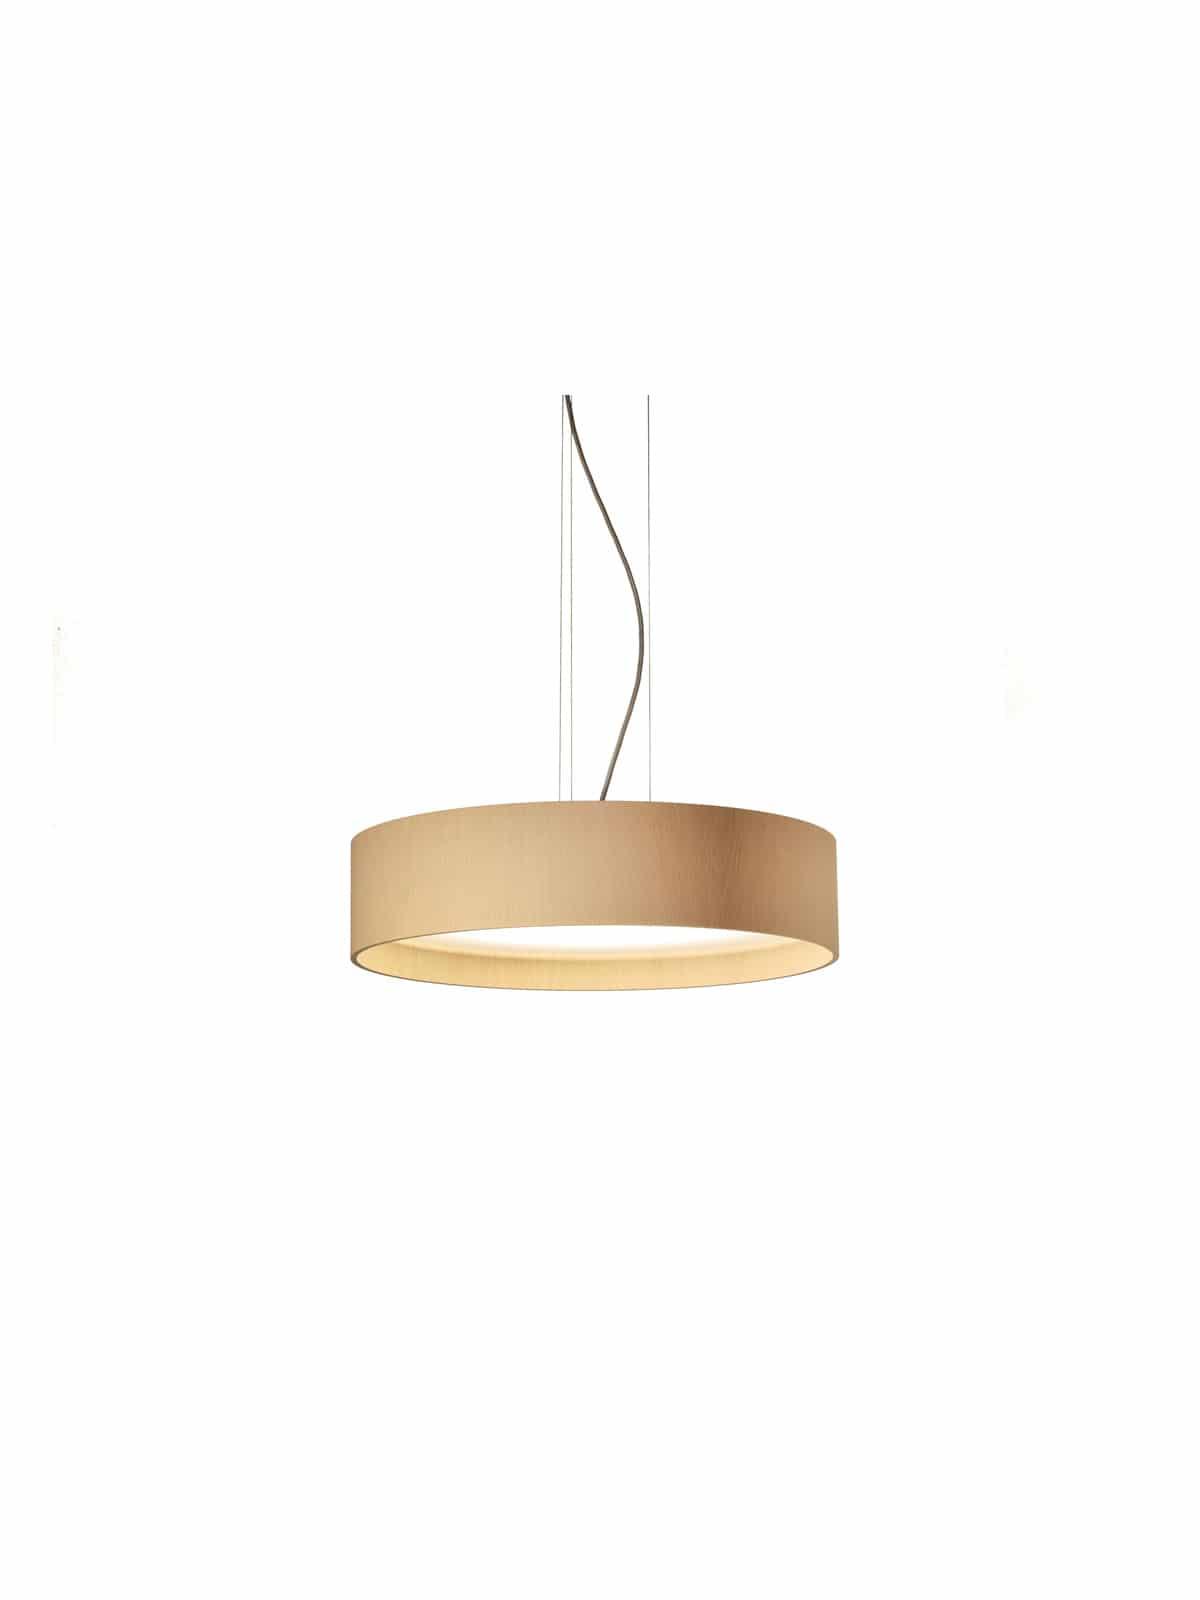 Designerleuchte LARA Wood von Domus DesignOrt Onlineshop